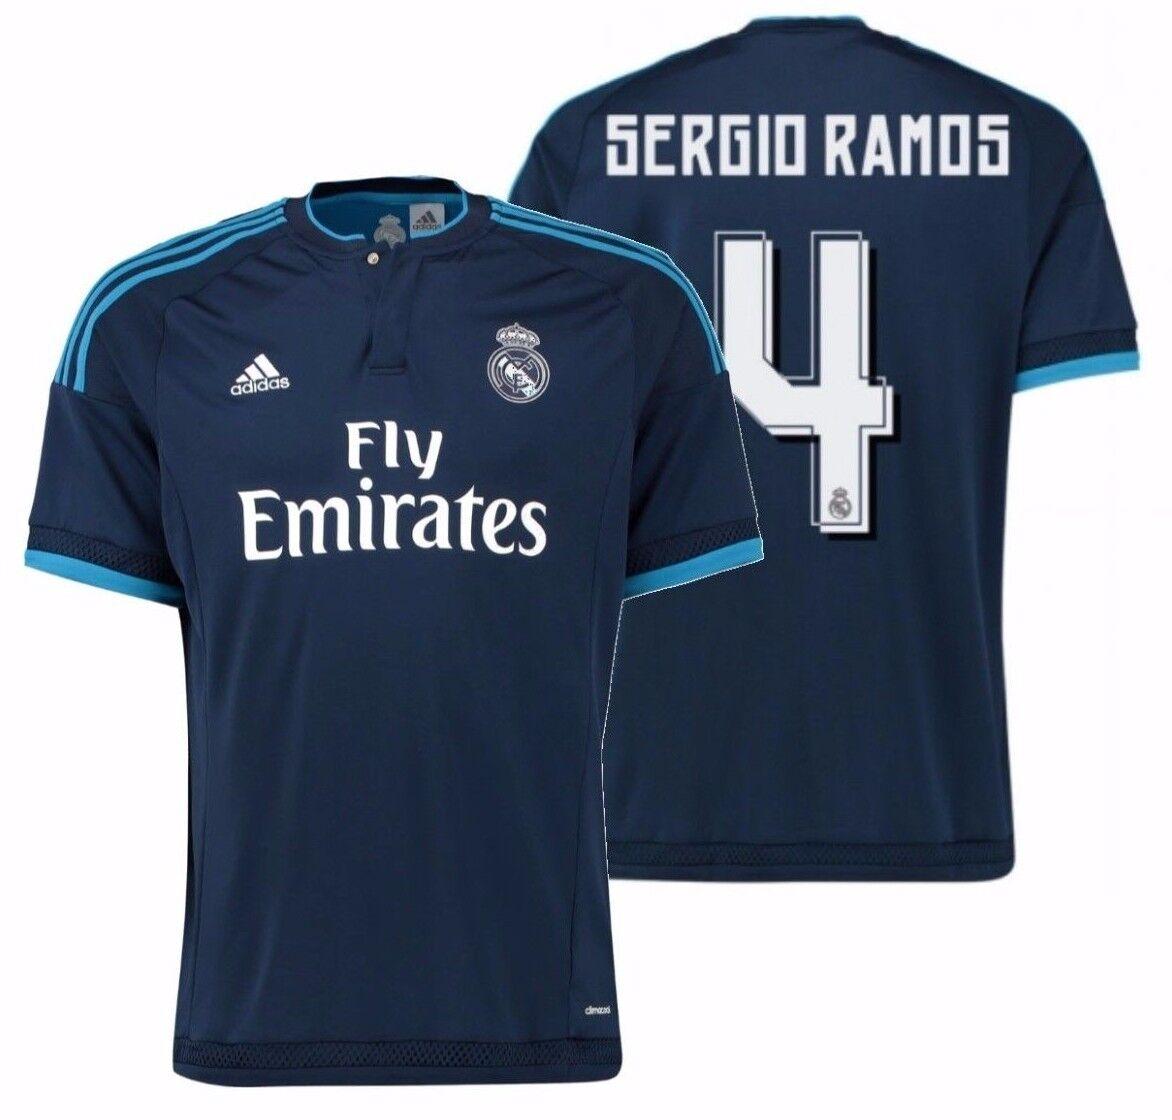 Adidas Sergio Ramos Real Madrid Tercera Camiseta 2015 16